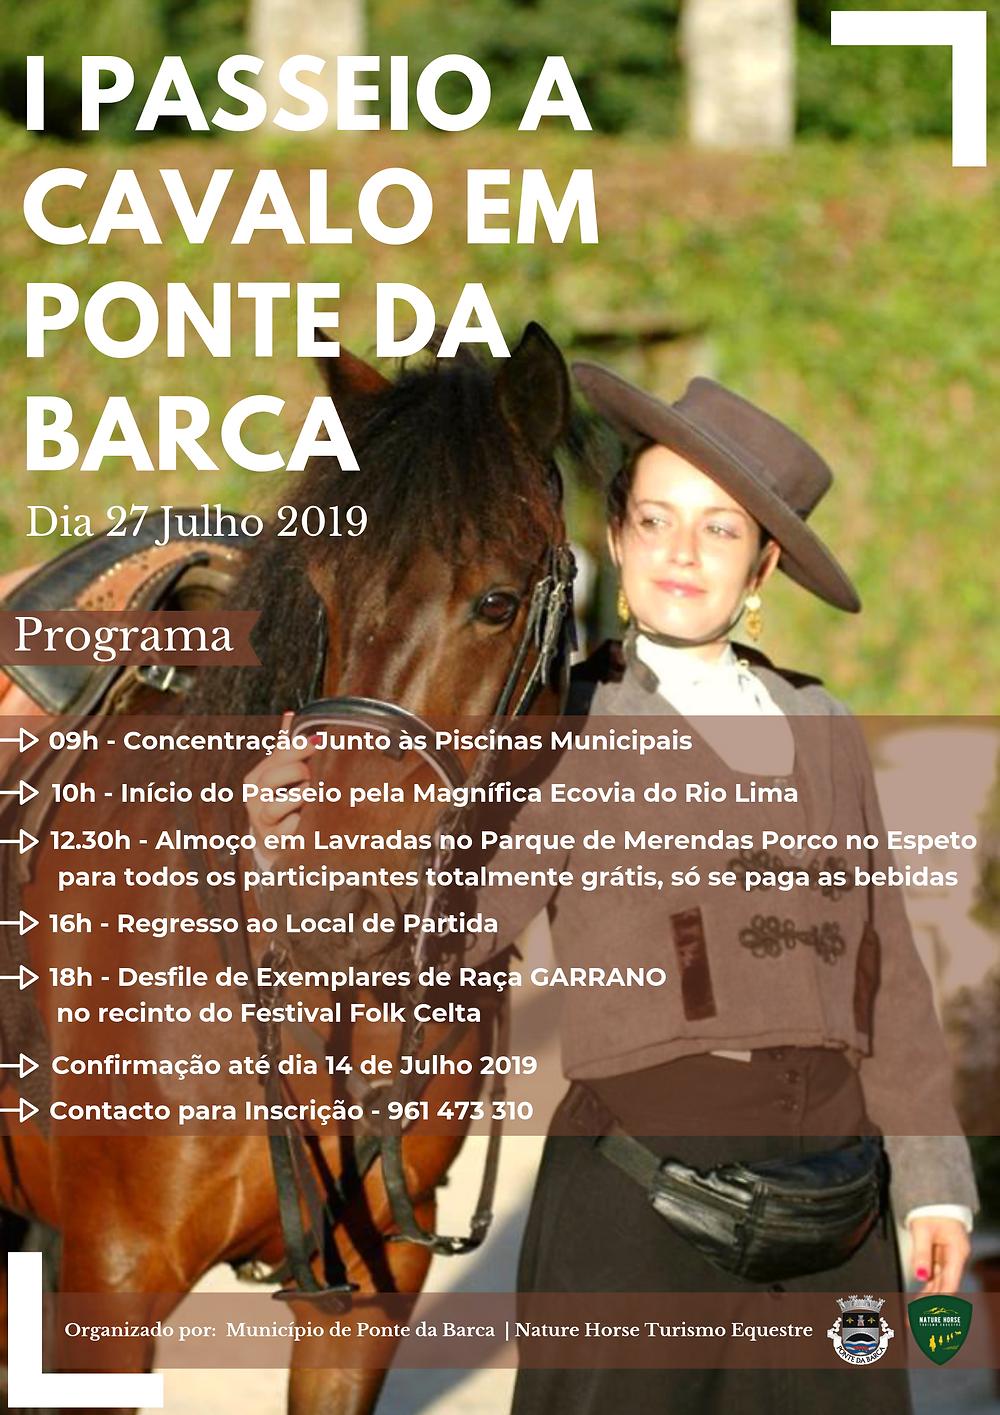 I Passeio a Cavalo| Peneda Gerês TV